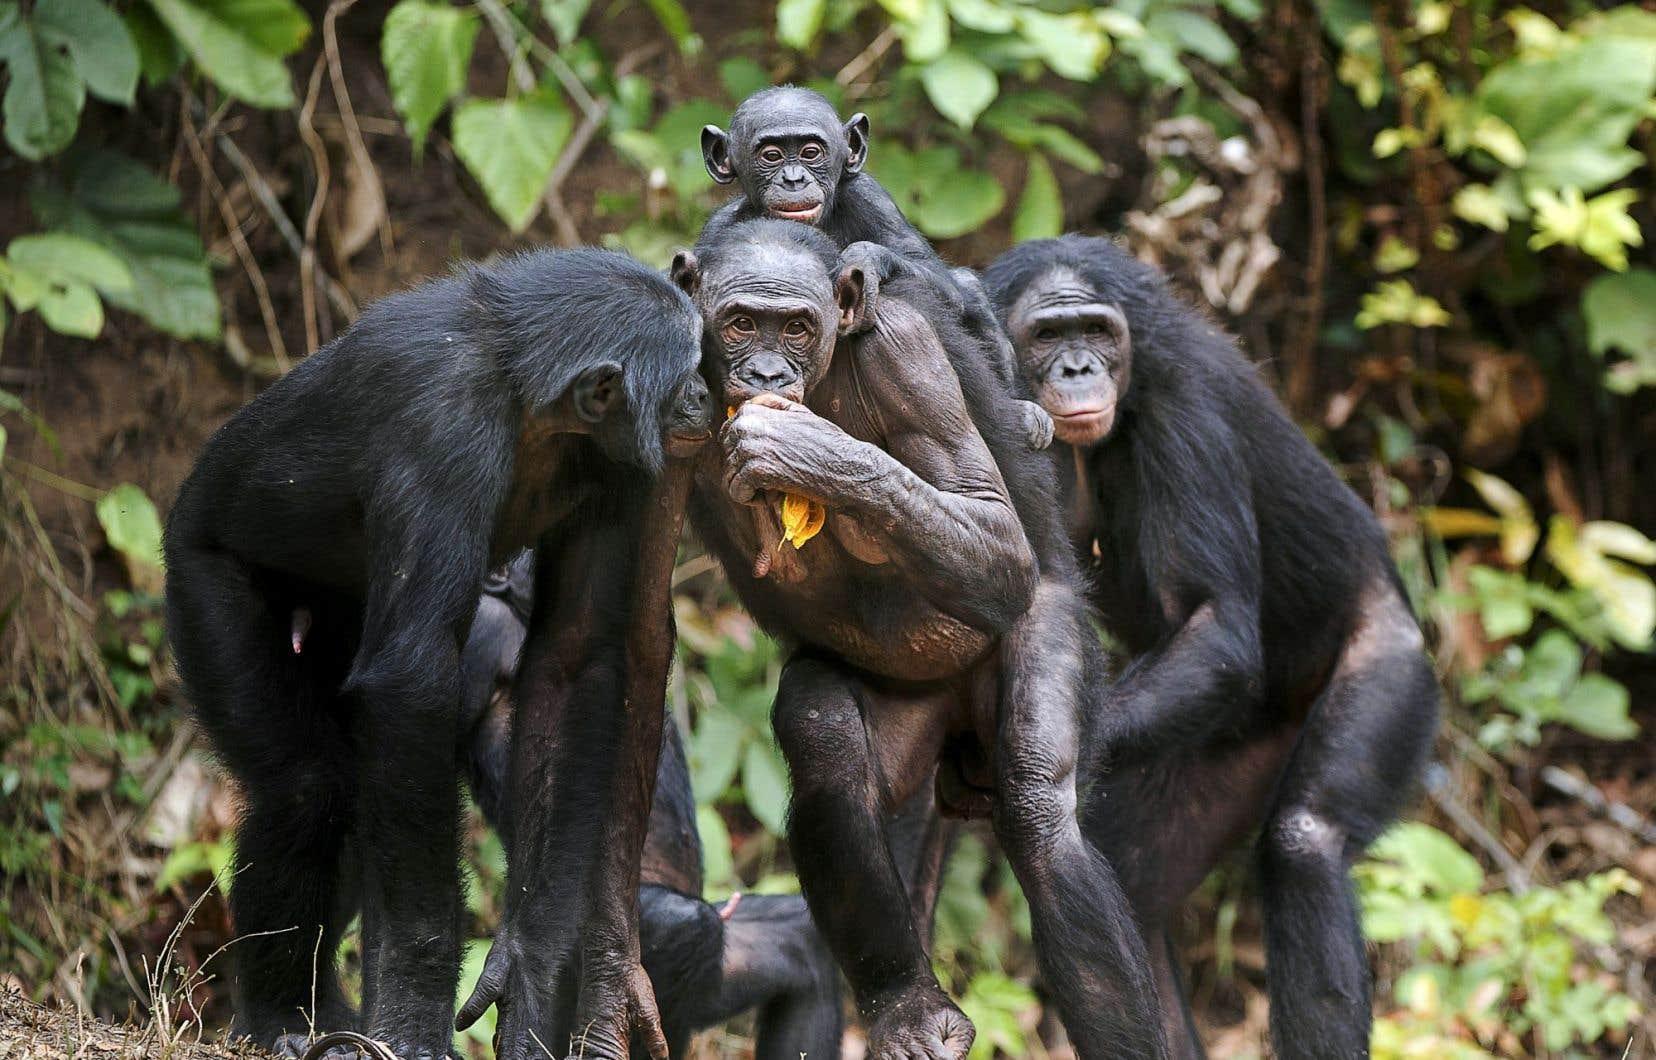 Le Néerlandais Frans de Waal affirme, dans «Le bonobo, Dieu et nous», que «la morale vient d'en bas», qu'elle «est plus ancienne que la religion» et que notre humanité «nous est inhérente».